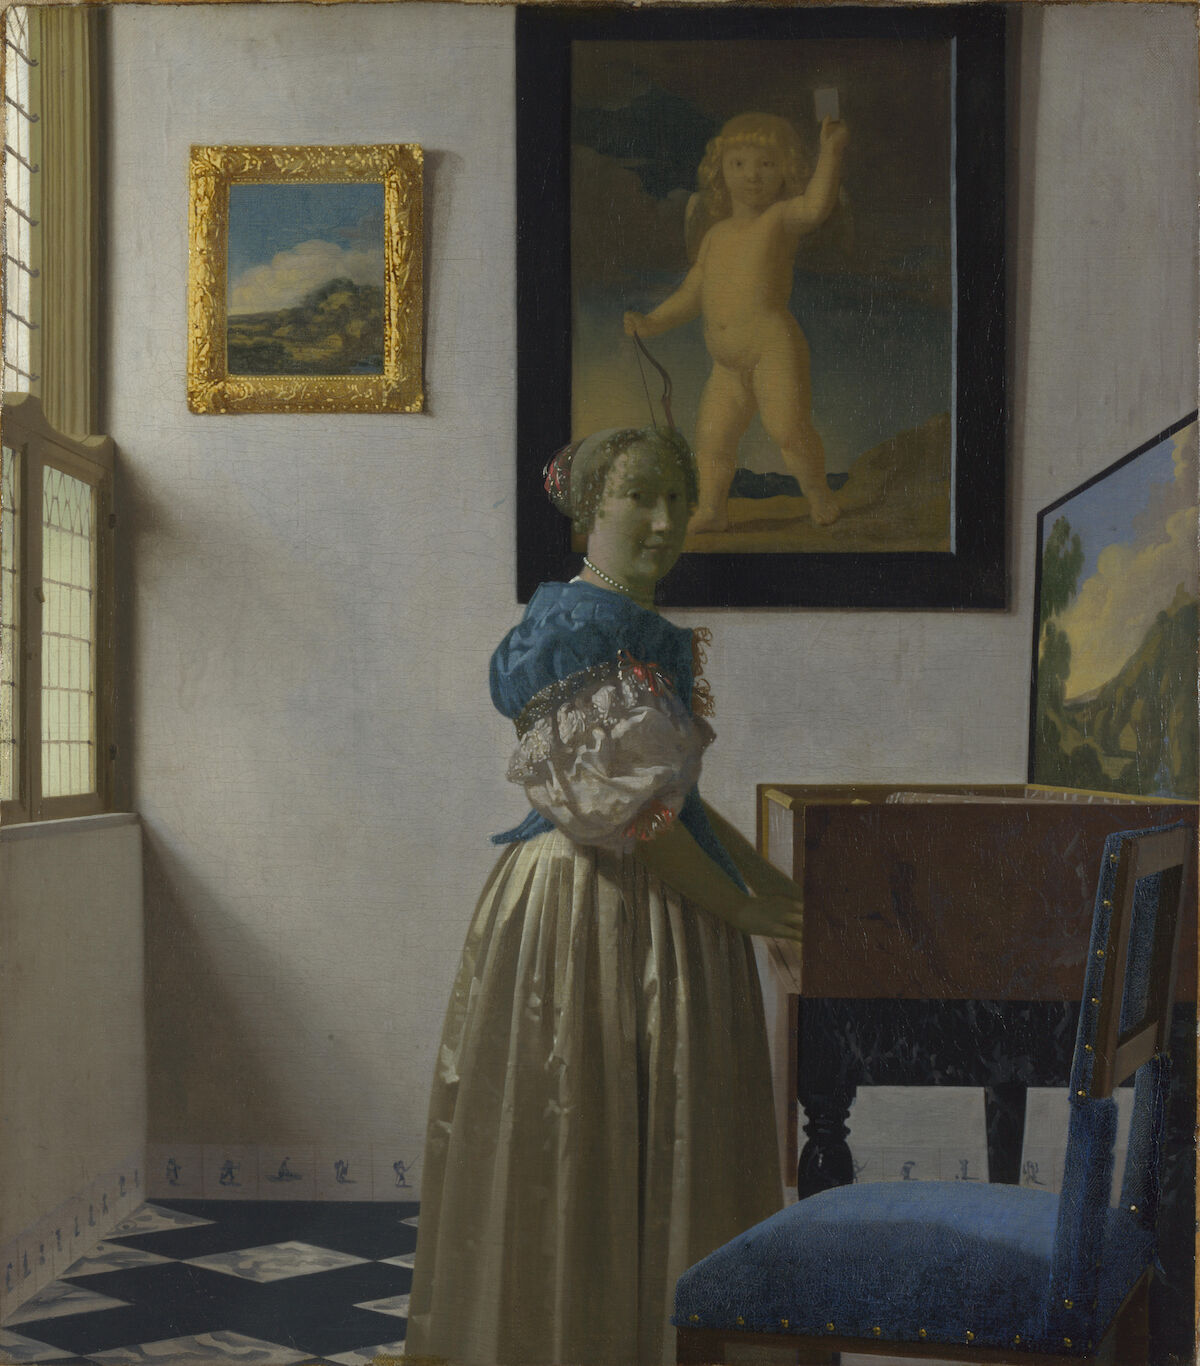 Vermeer, uma senhora em pé em um virginal, 1670-1672. Galeria Nacional, Londres. Via Wikimedia Commons.